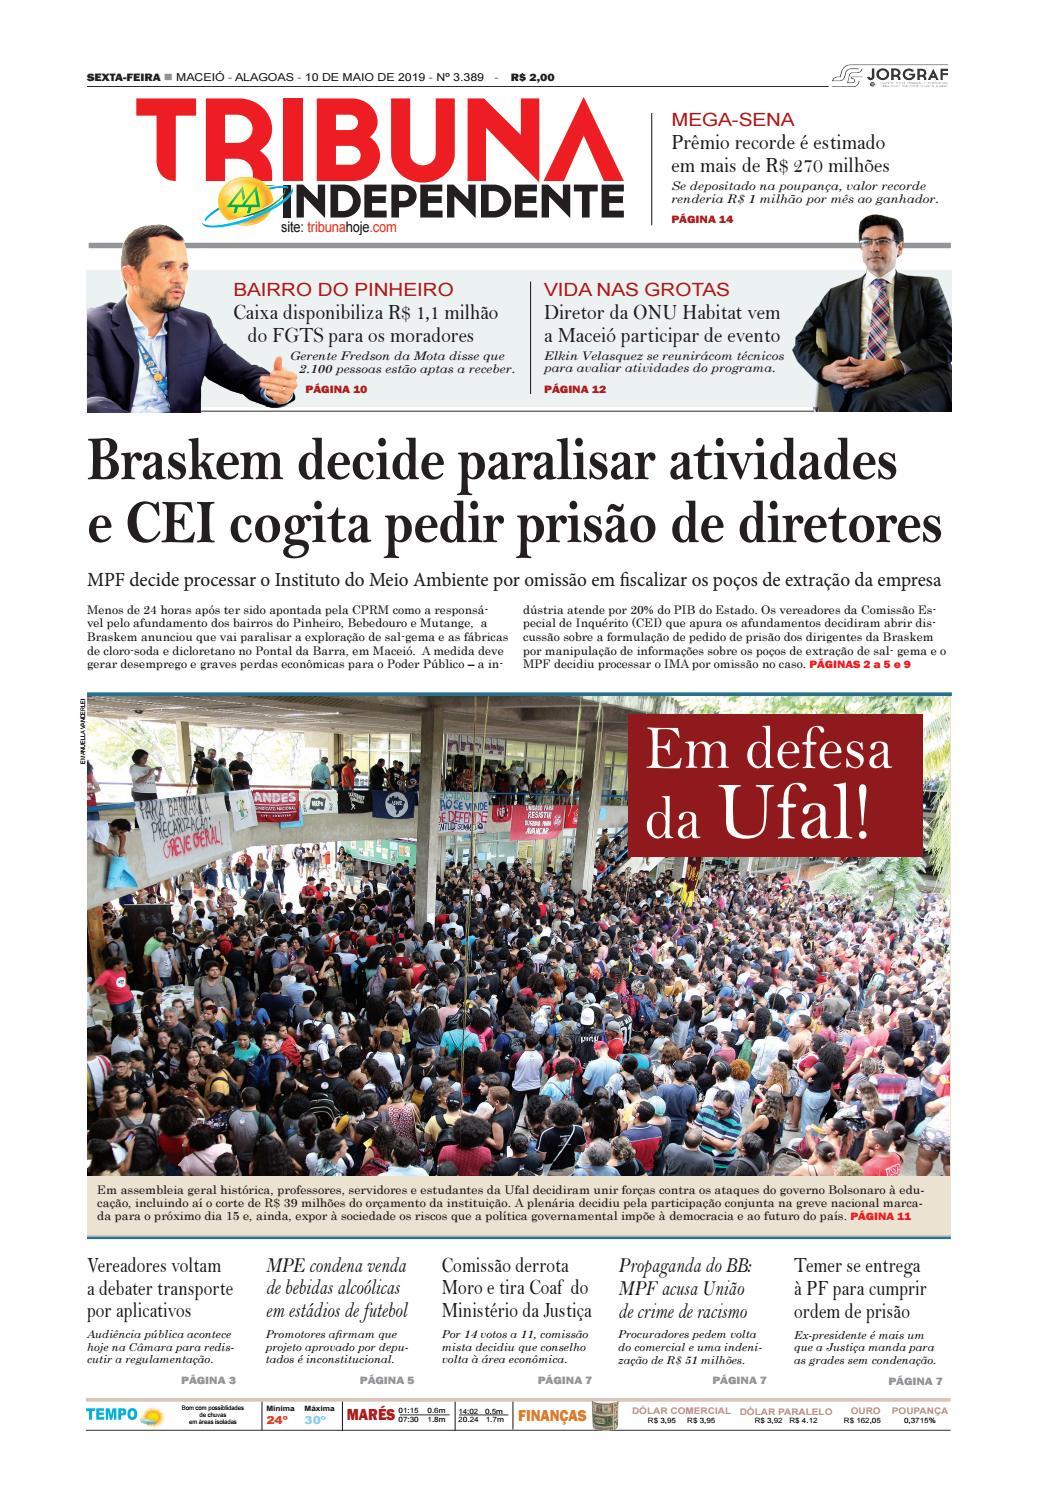 422887c07 Edição número 3389 - 10 de maio de 2019 by Tribuna Hoje - issuu